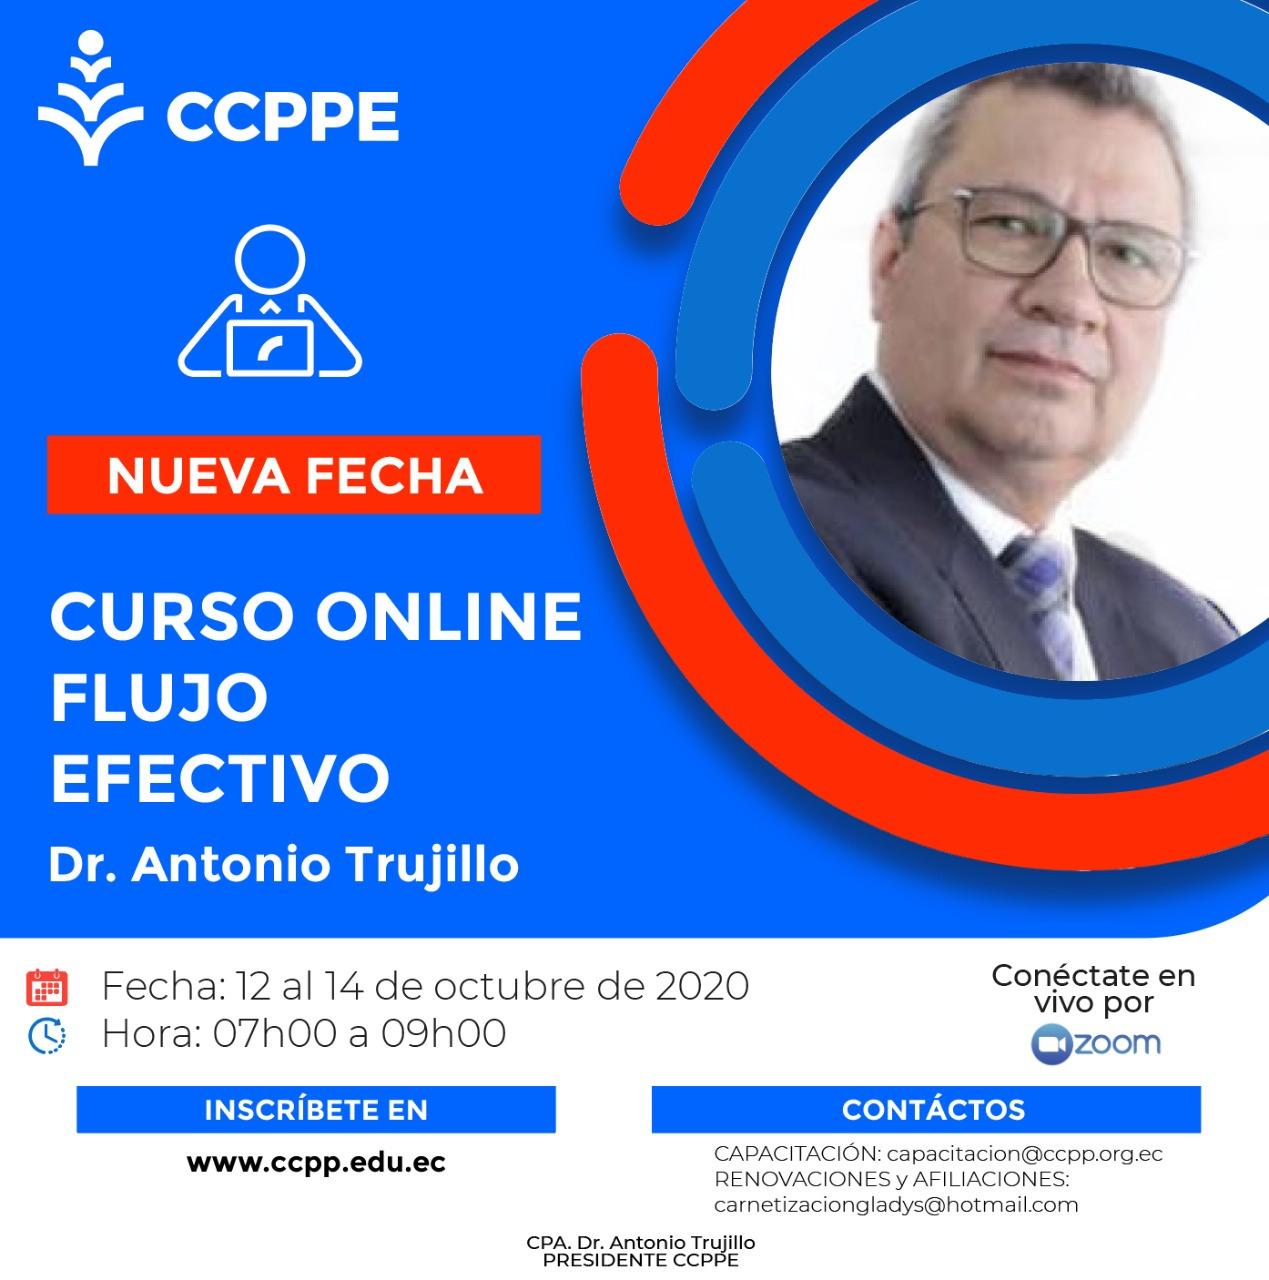 FLUJO DE EFECTIVO - 12 AL 14 OCTUBRE 2020